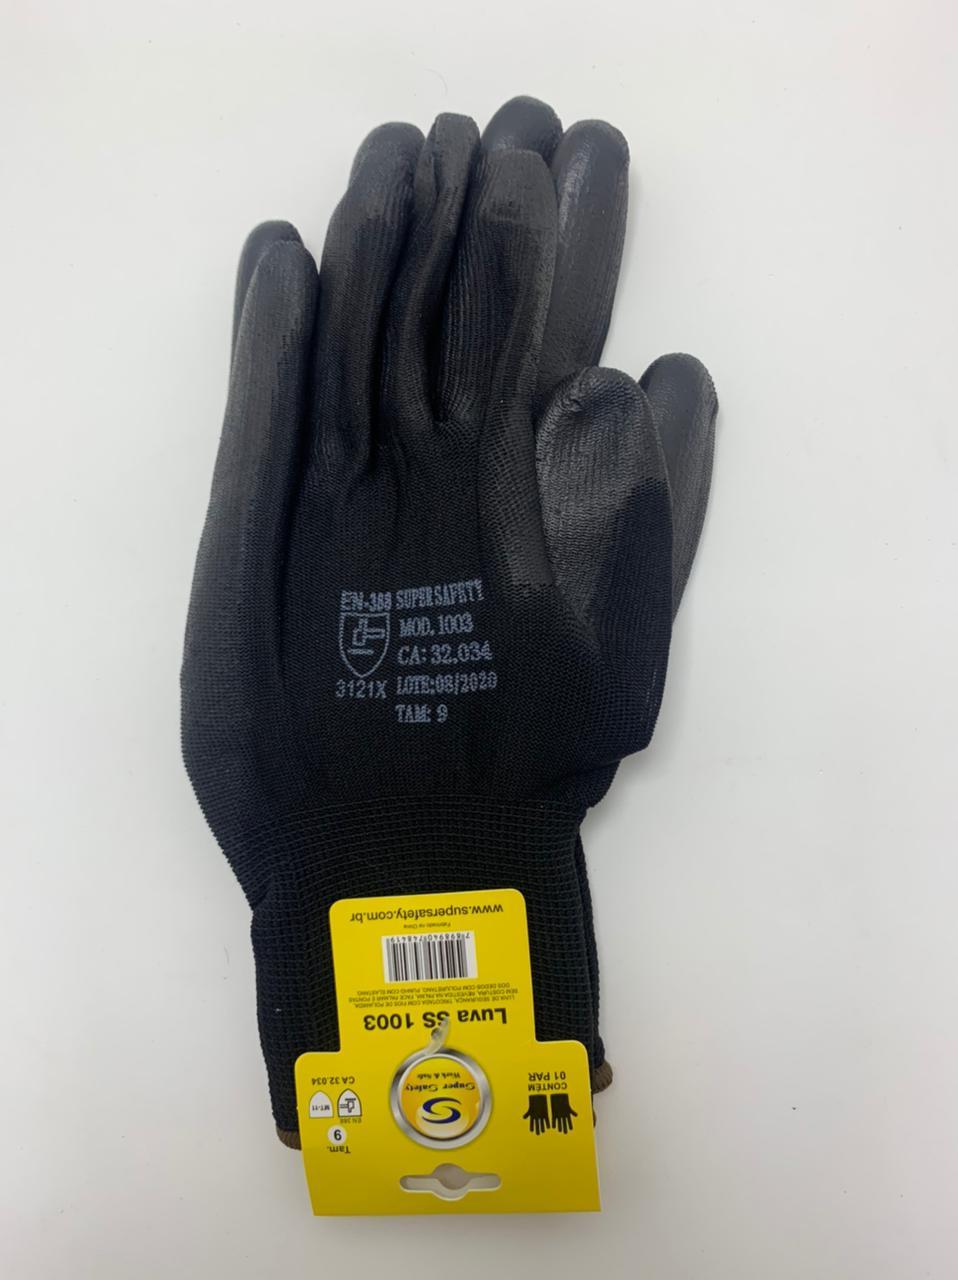 Kit 10 Pares Luva de segurança Super Safety ss1003 PU Preta Tam. 9(G).